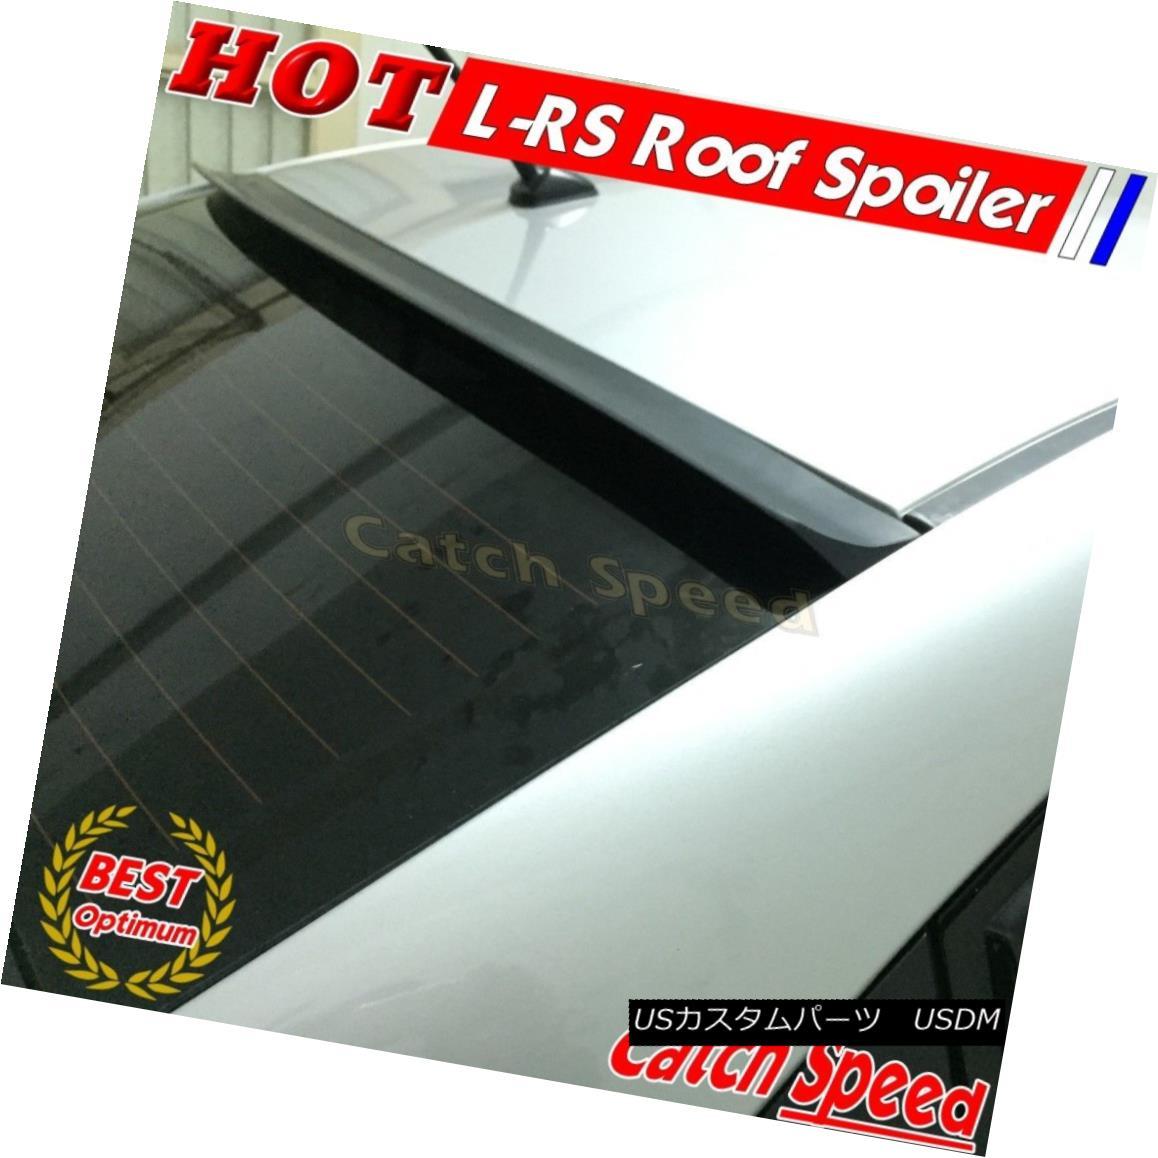 エアロパーツ Painted LRS Type Rear Roof Spoiler Wing For Buick Regal US Sedan 2011-2017 ? ビューティックリーガル米国セダン2011-2017のための塗装LRSタイプのリアルーフスポイラーウィング?